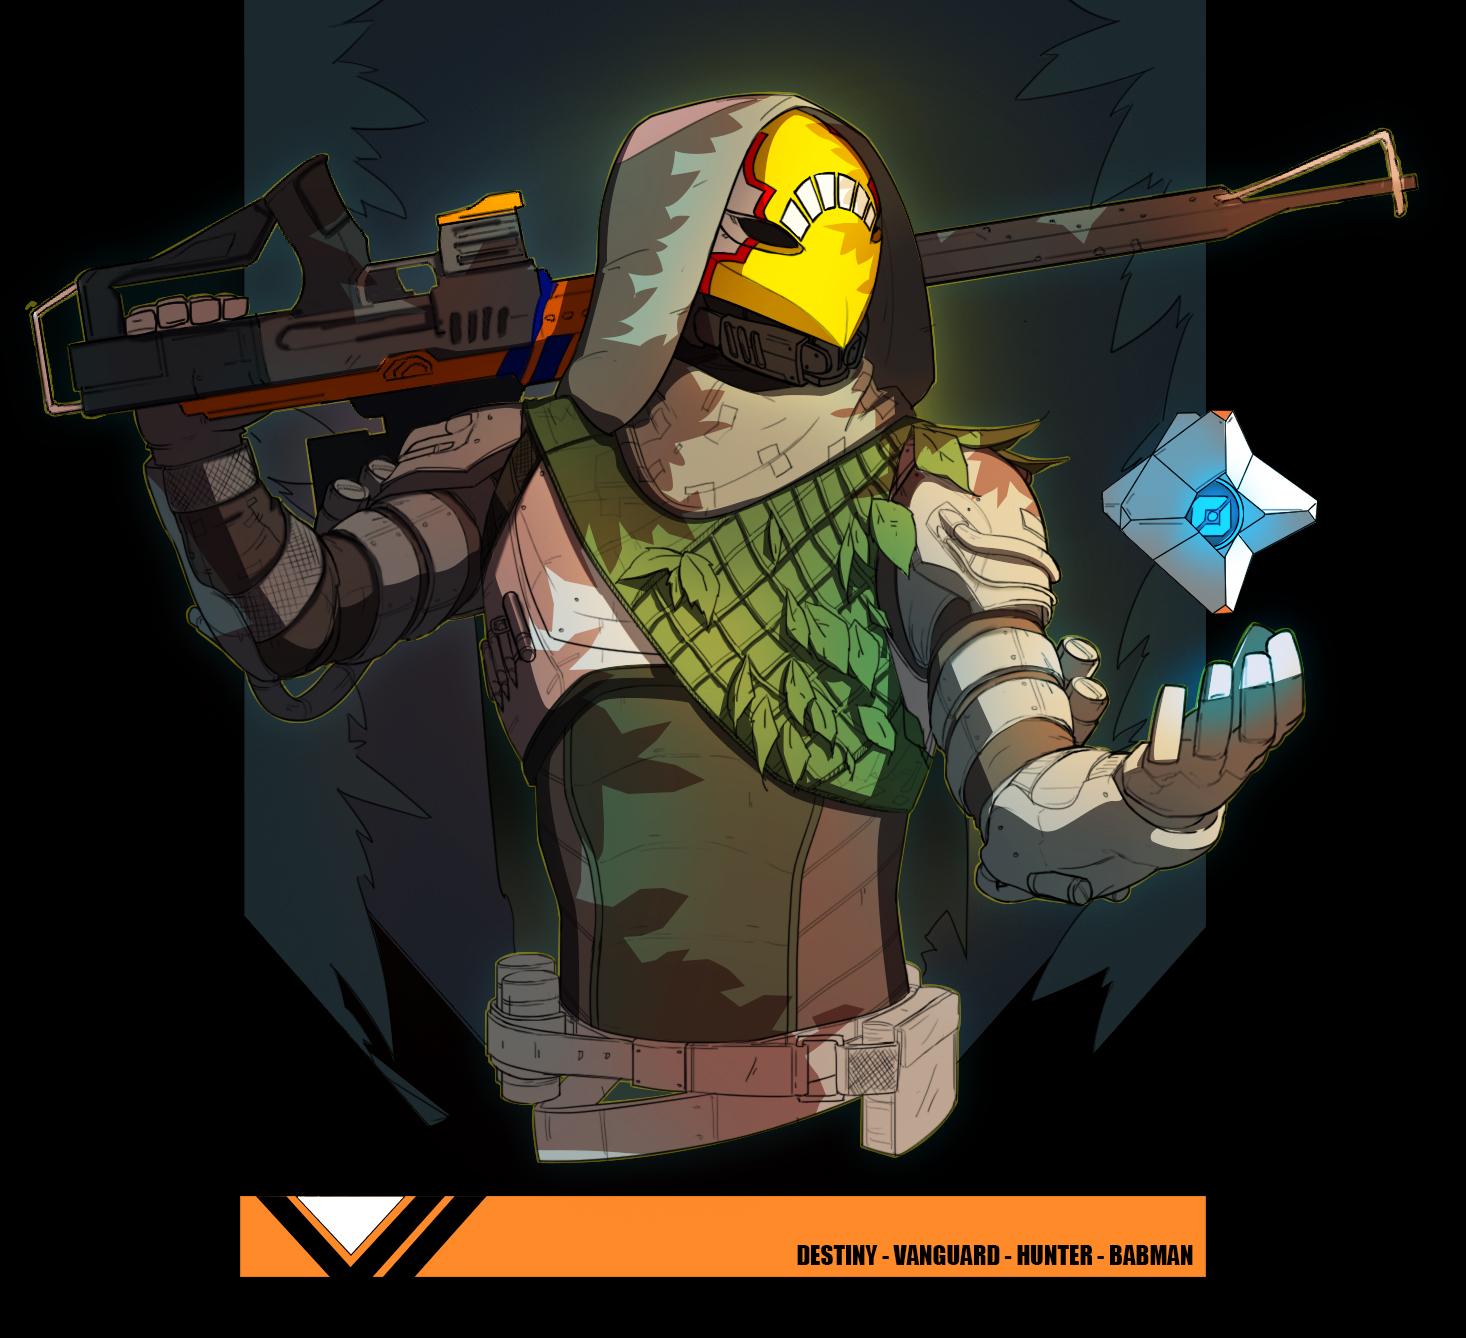 Hunter from Destiny 2 by TheBabman on DeviantArt